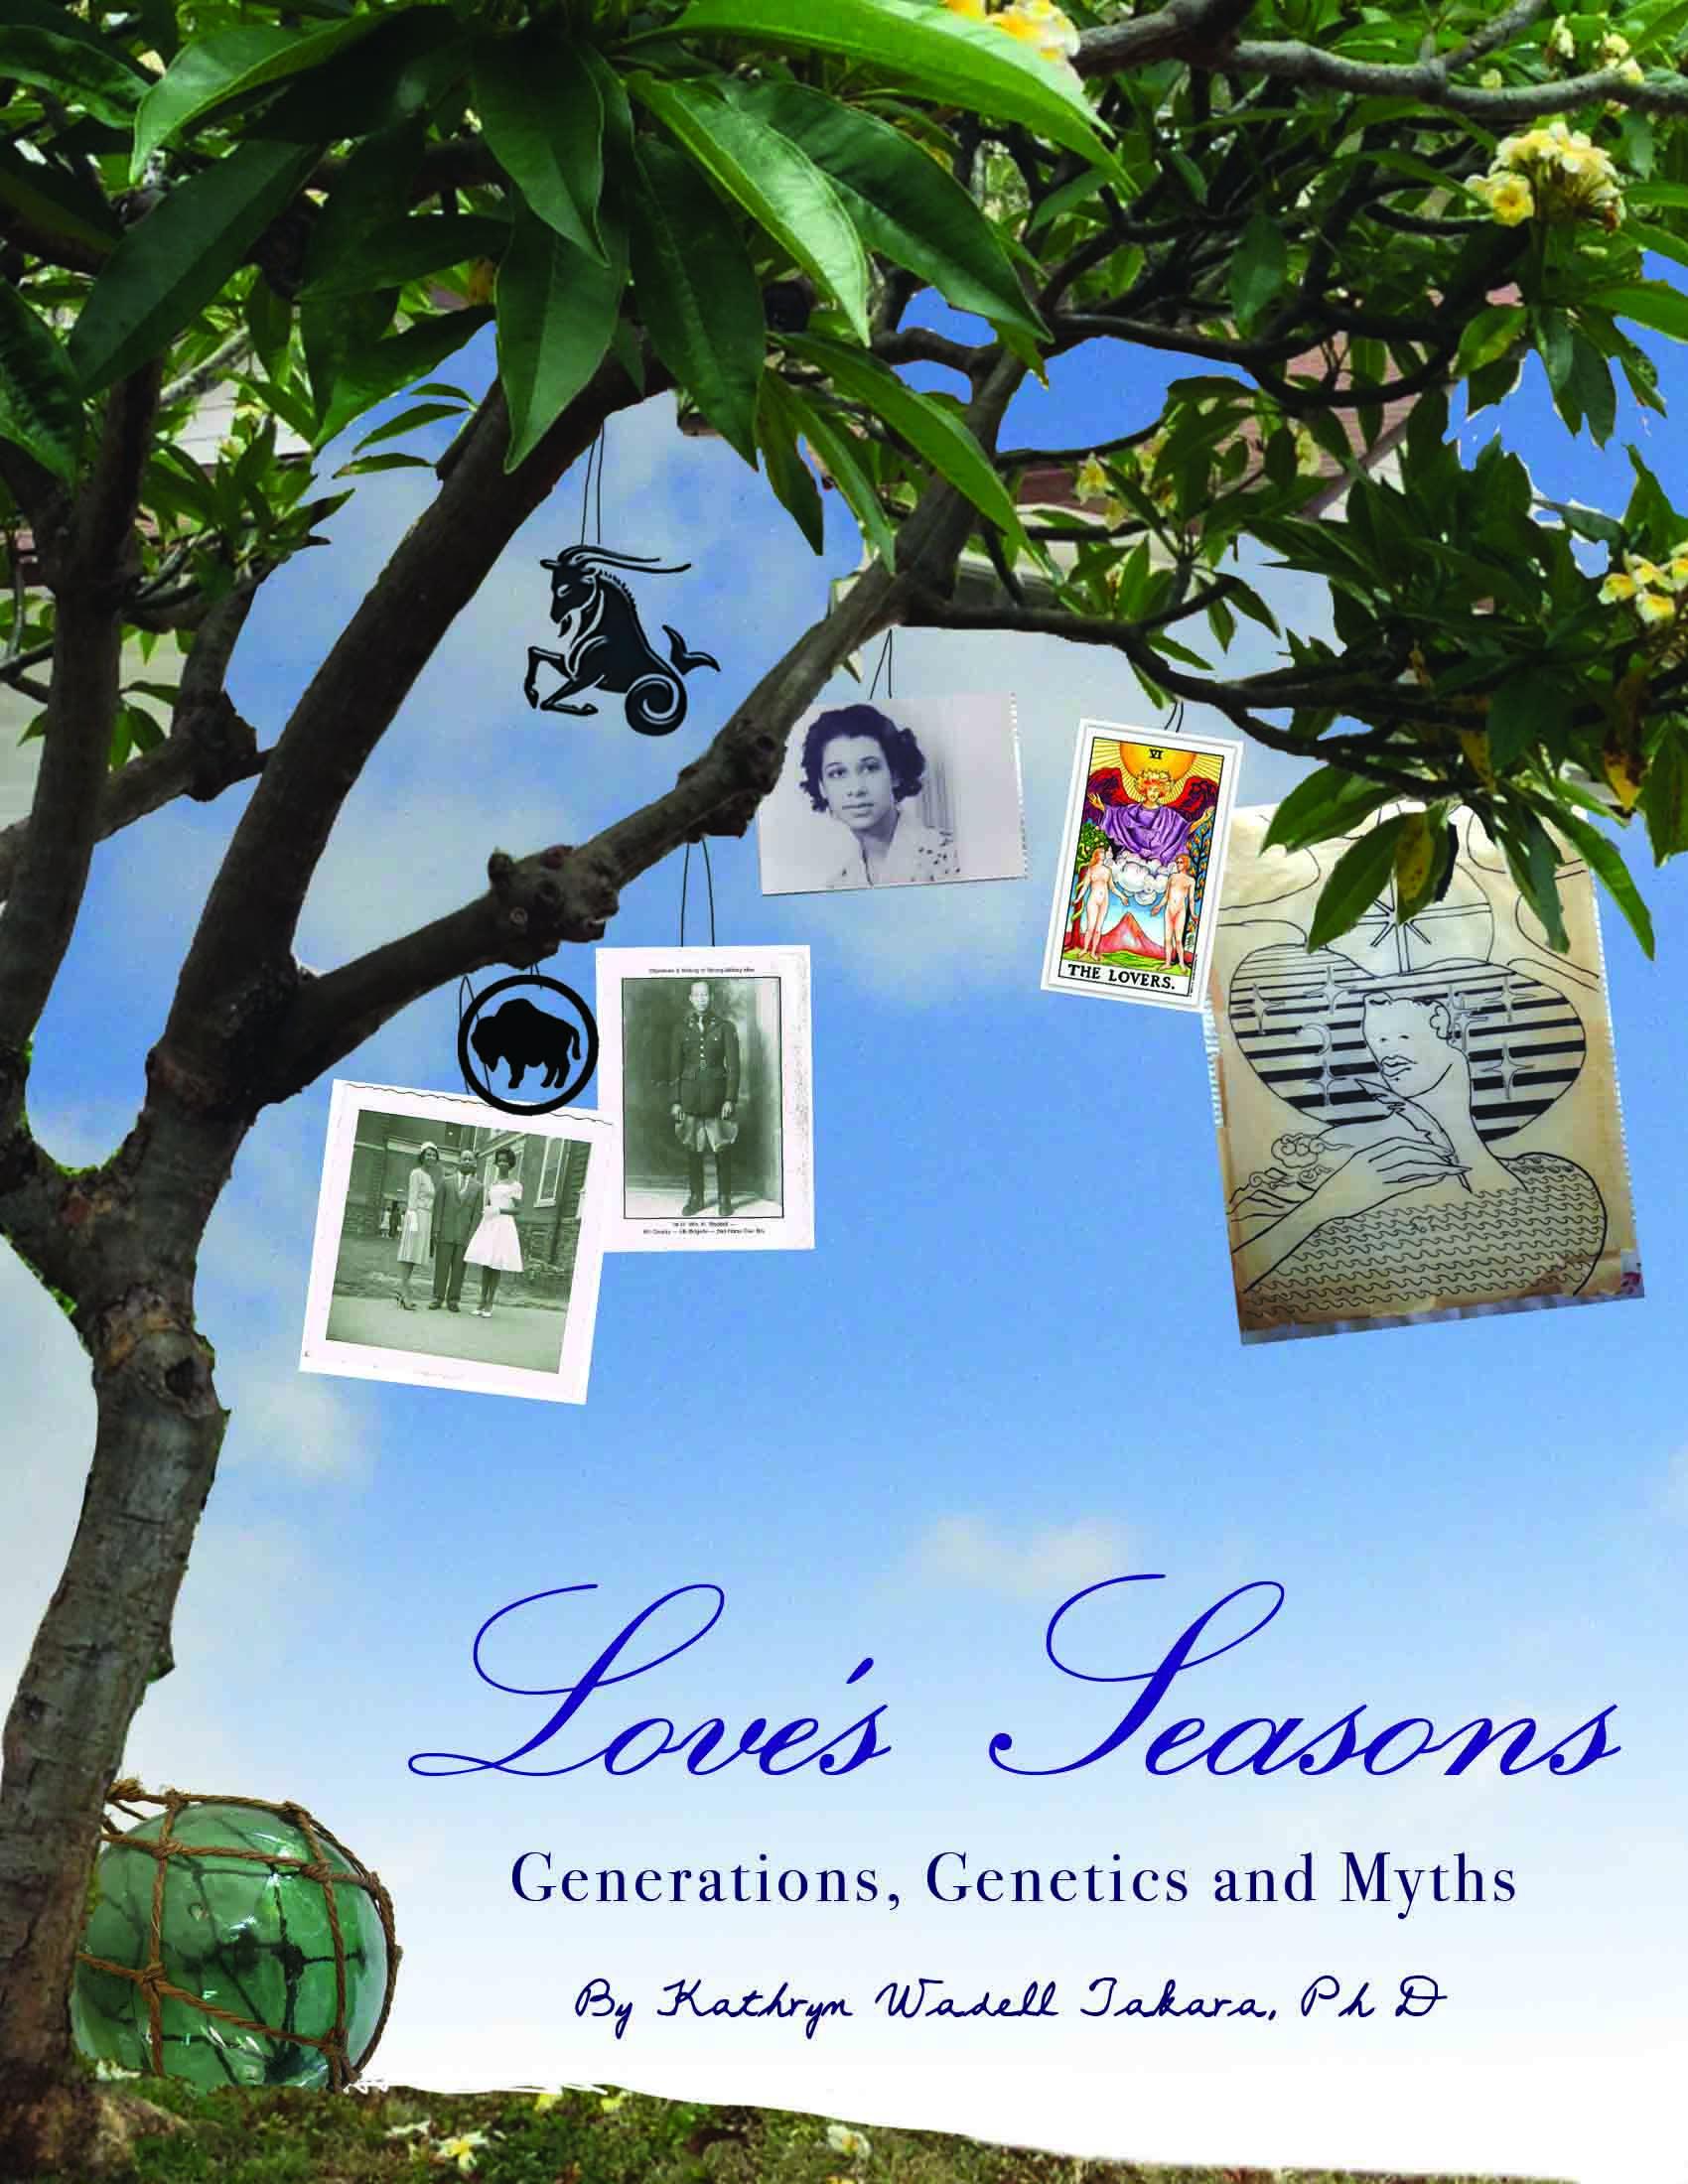 loves seasons cover1.0 rev